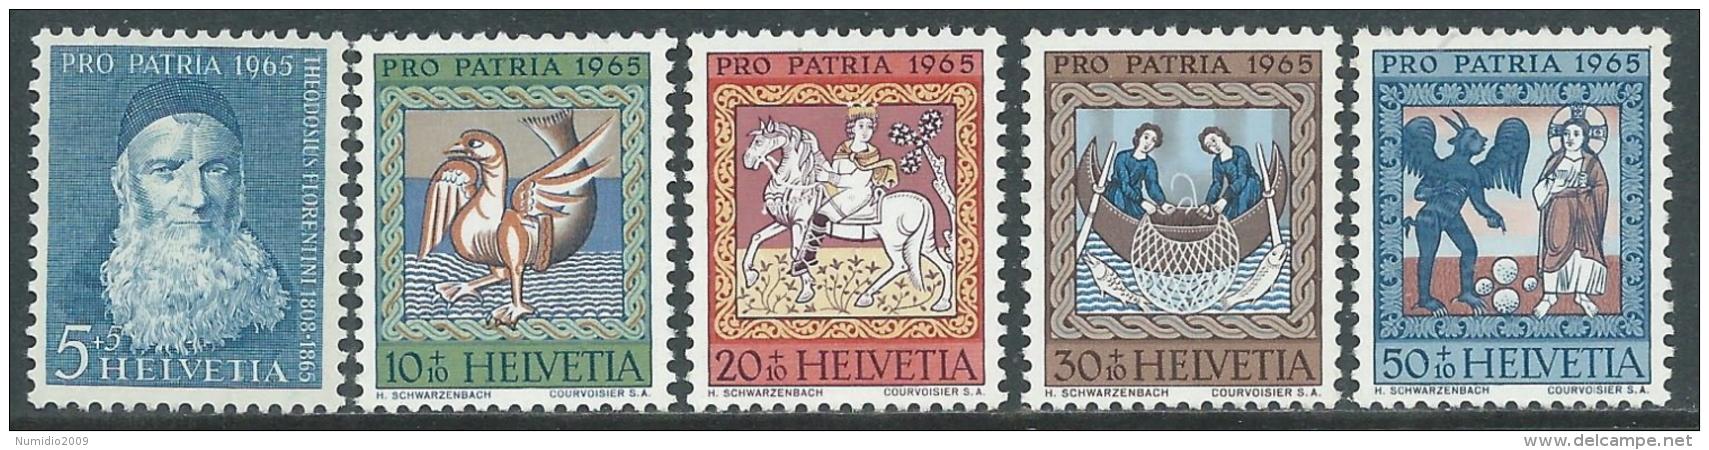 1965 SVIZZERA PRO PATRIA T. FLORENTINI QUADRI S. MARTINO DI ZILLIS MNH ** - I59-5 - Pro Patria